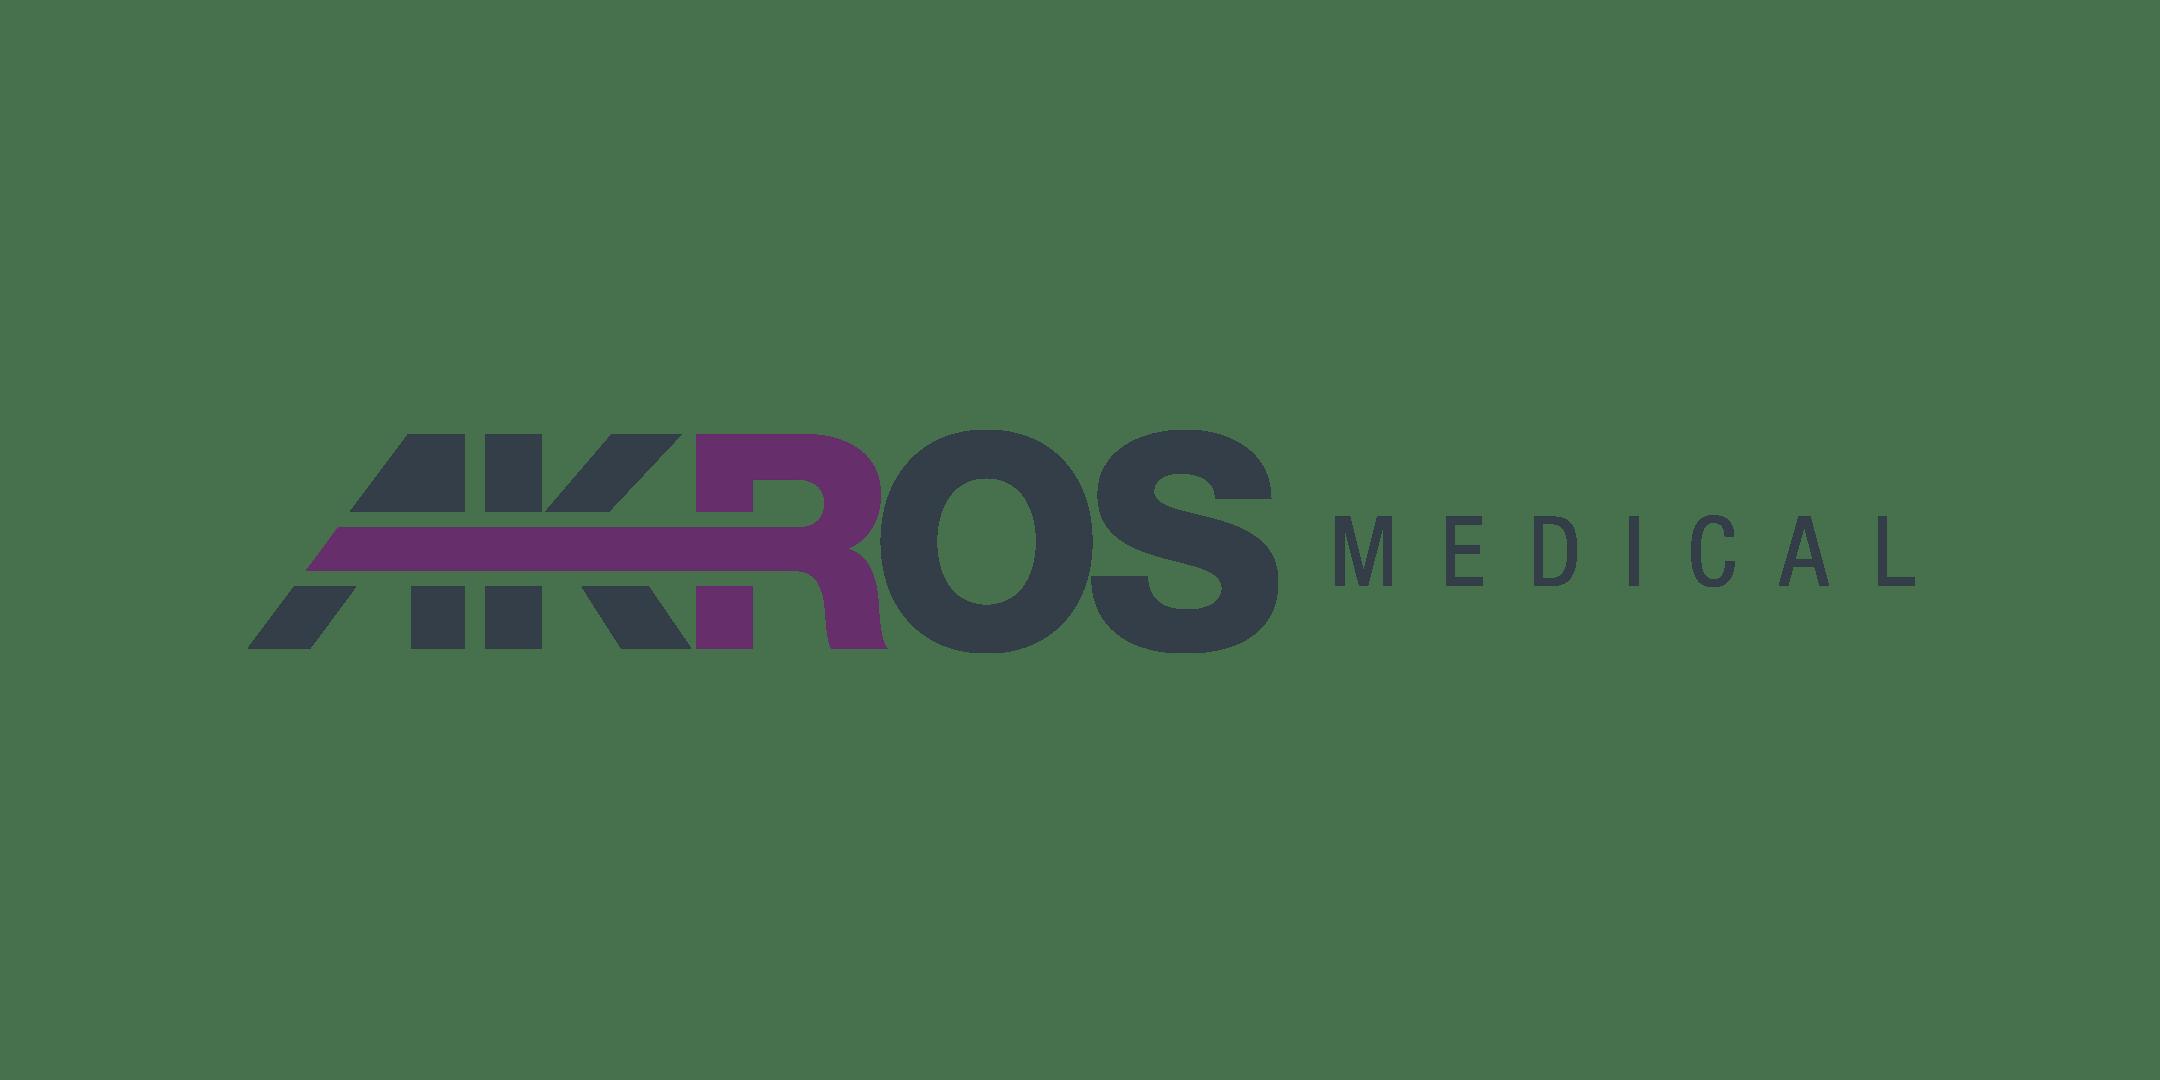 Akros Medical company logo